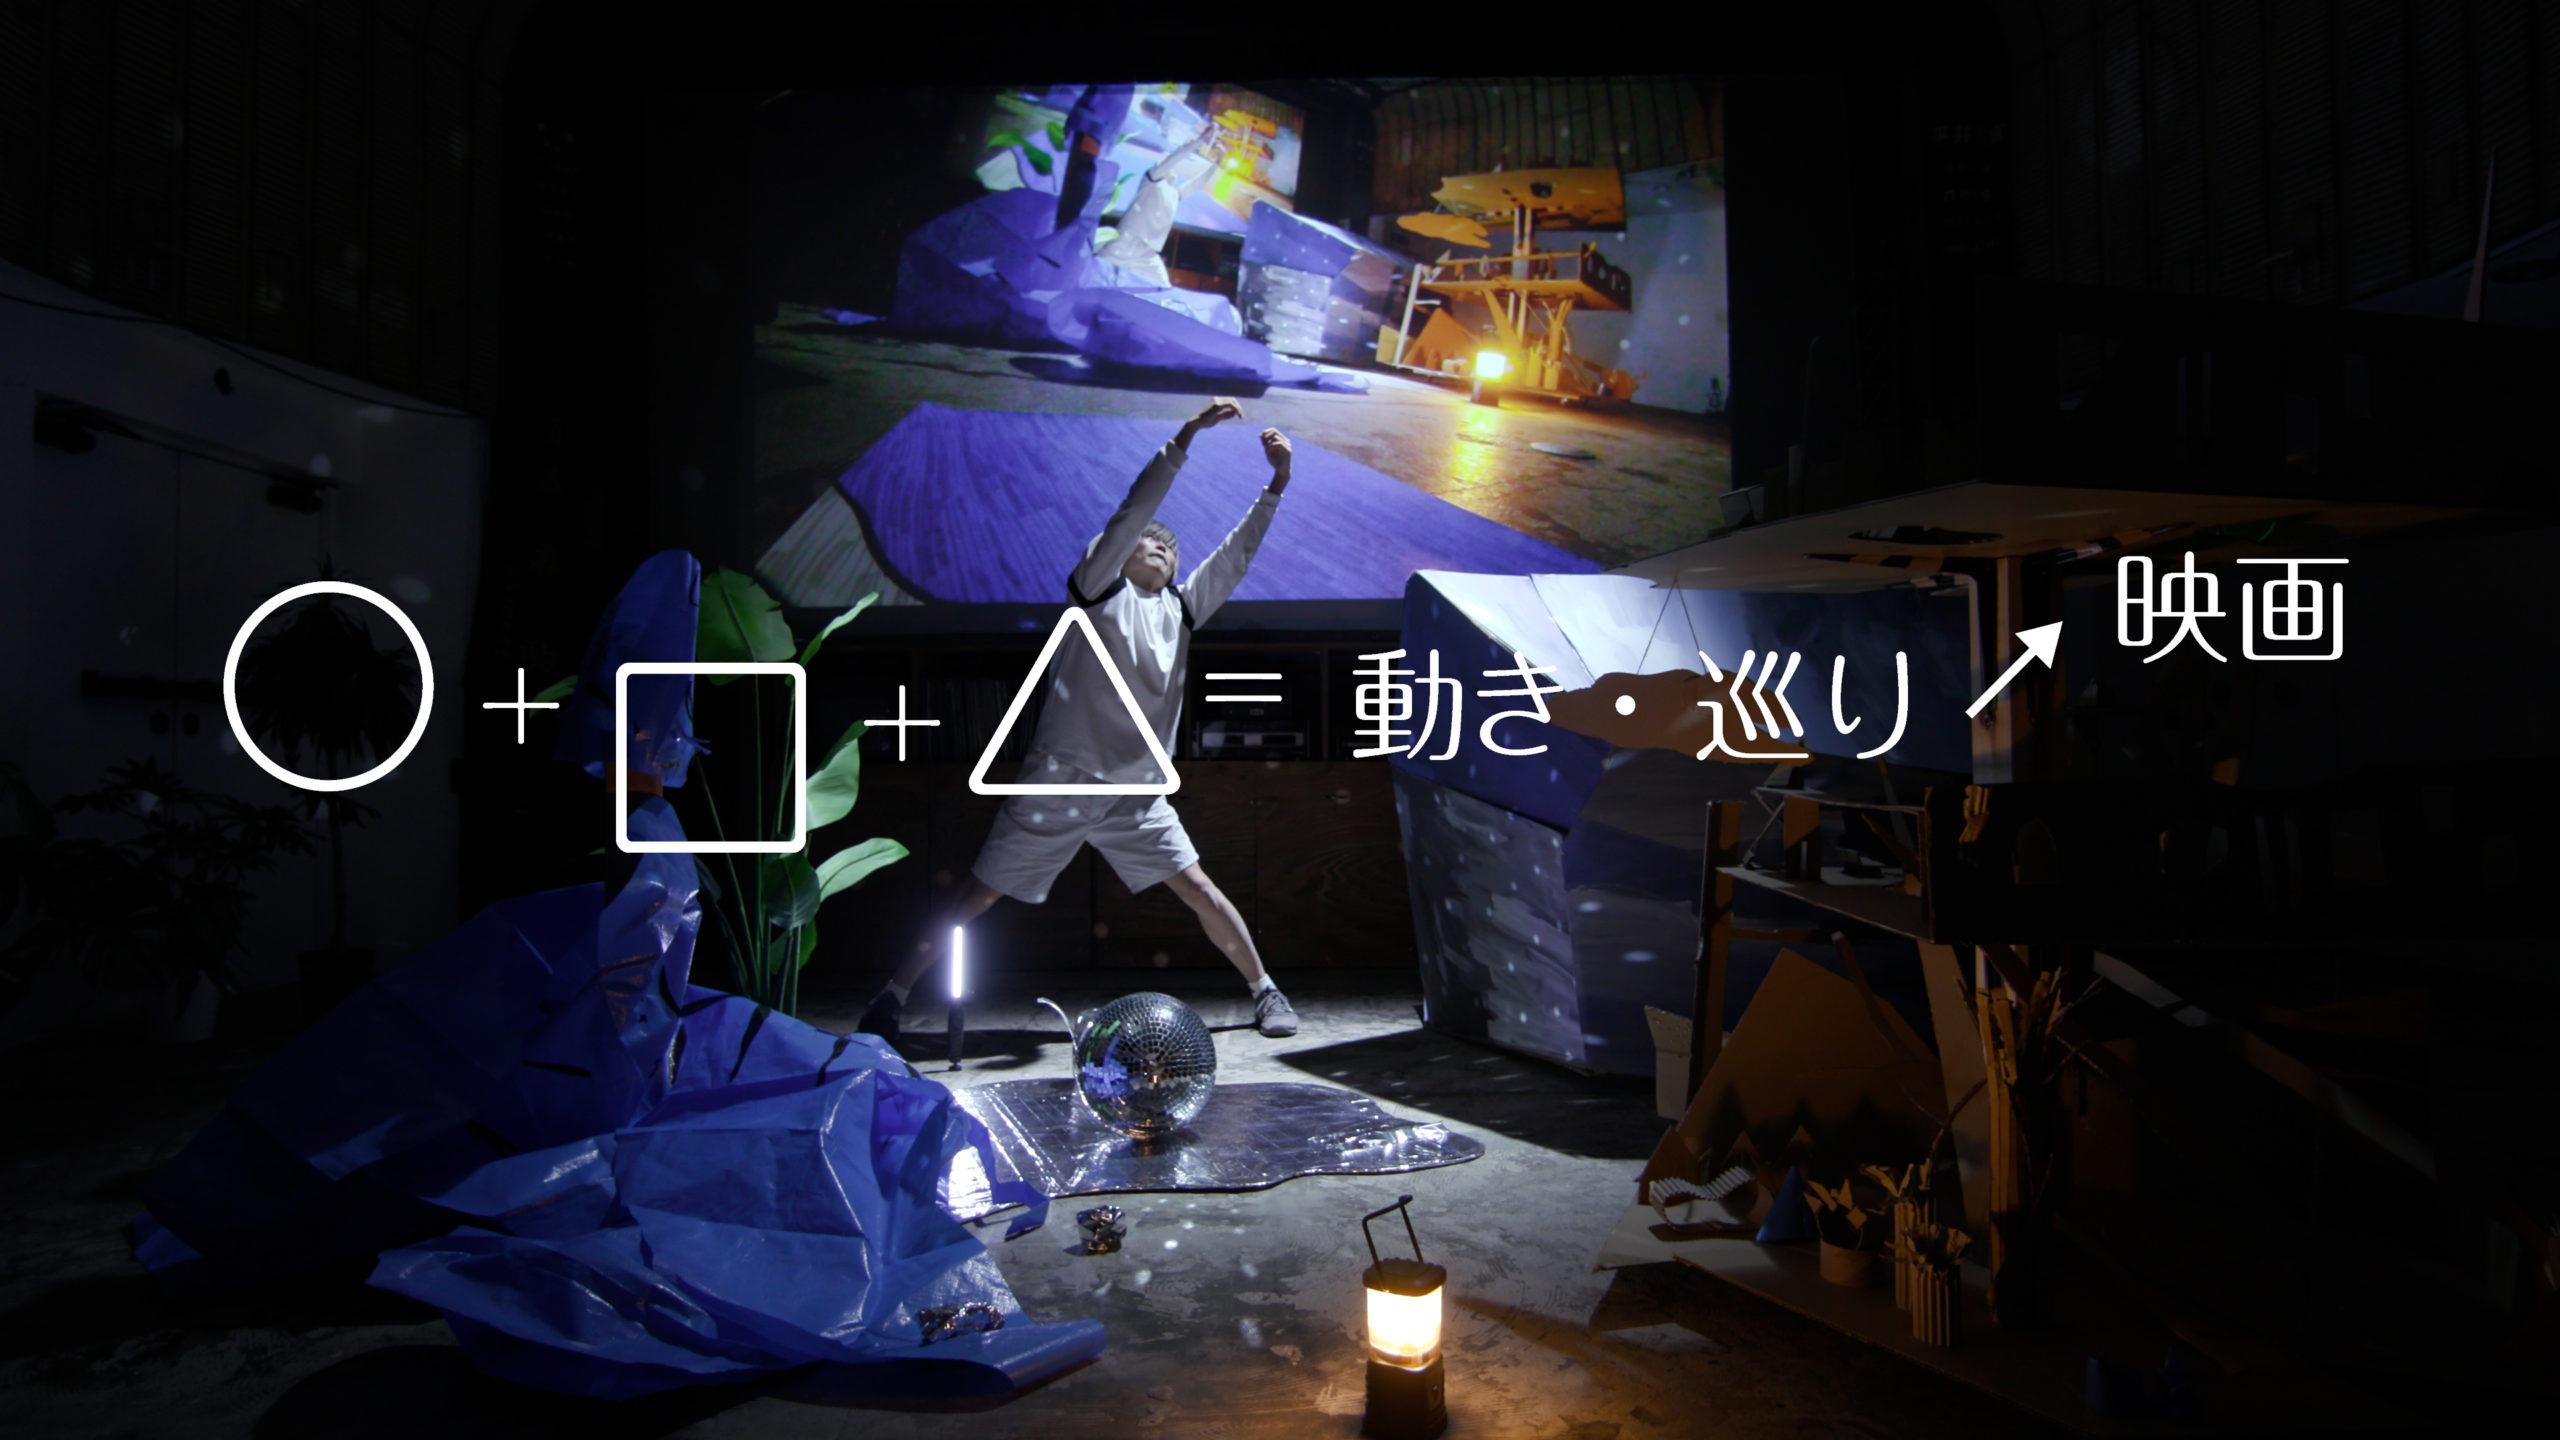 Aokid『○+□+△=動き・巡り↗︎映画』